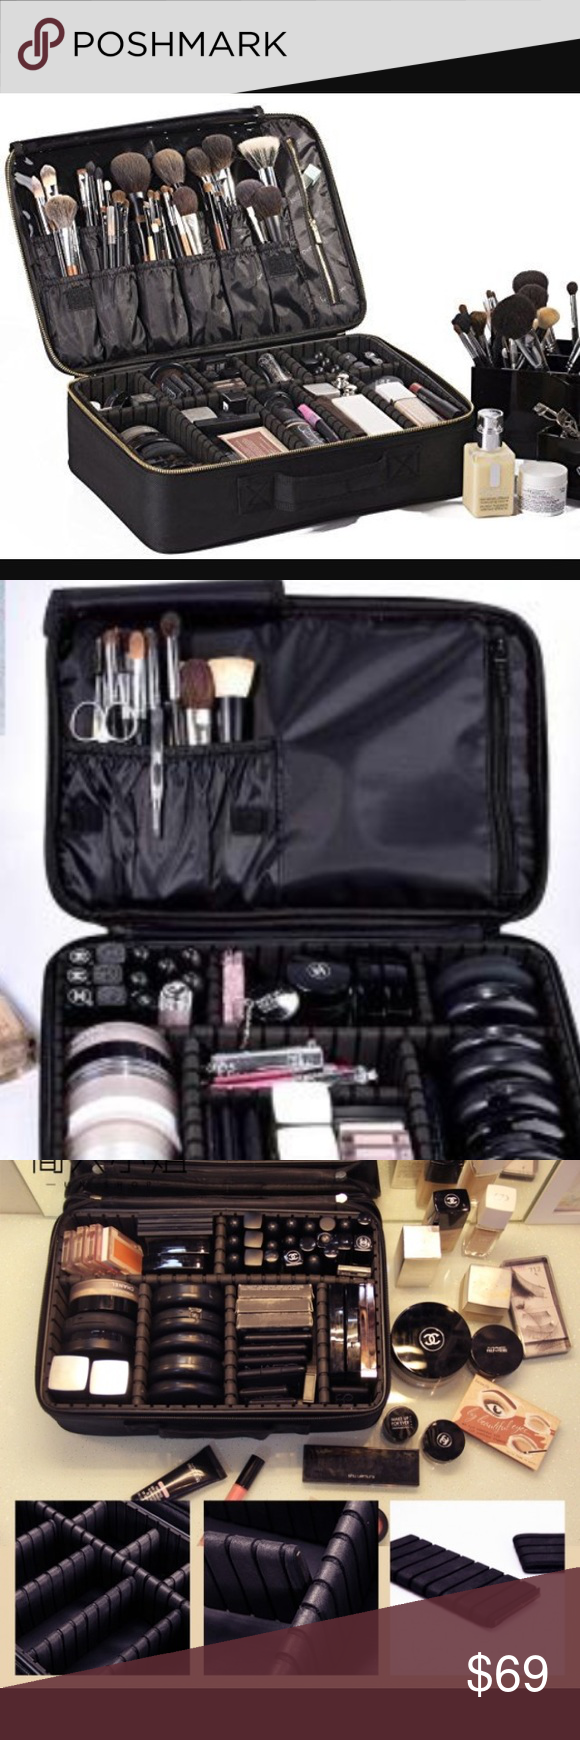 Makeup bag great for organization or travel | Makeup bag